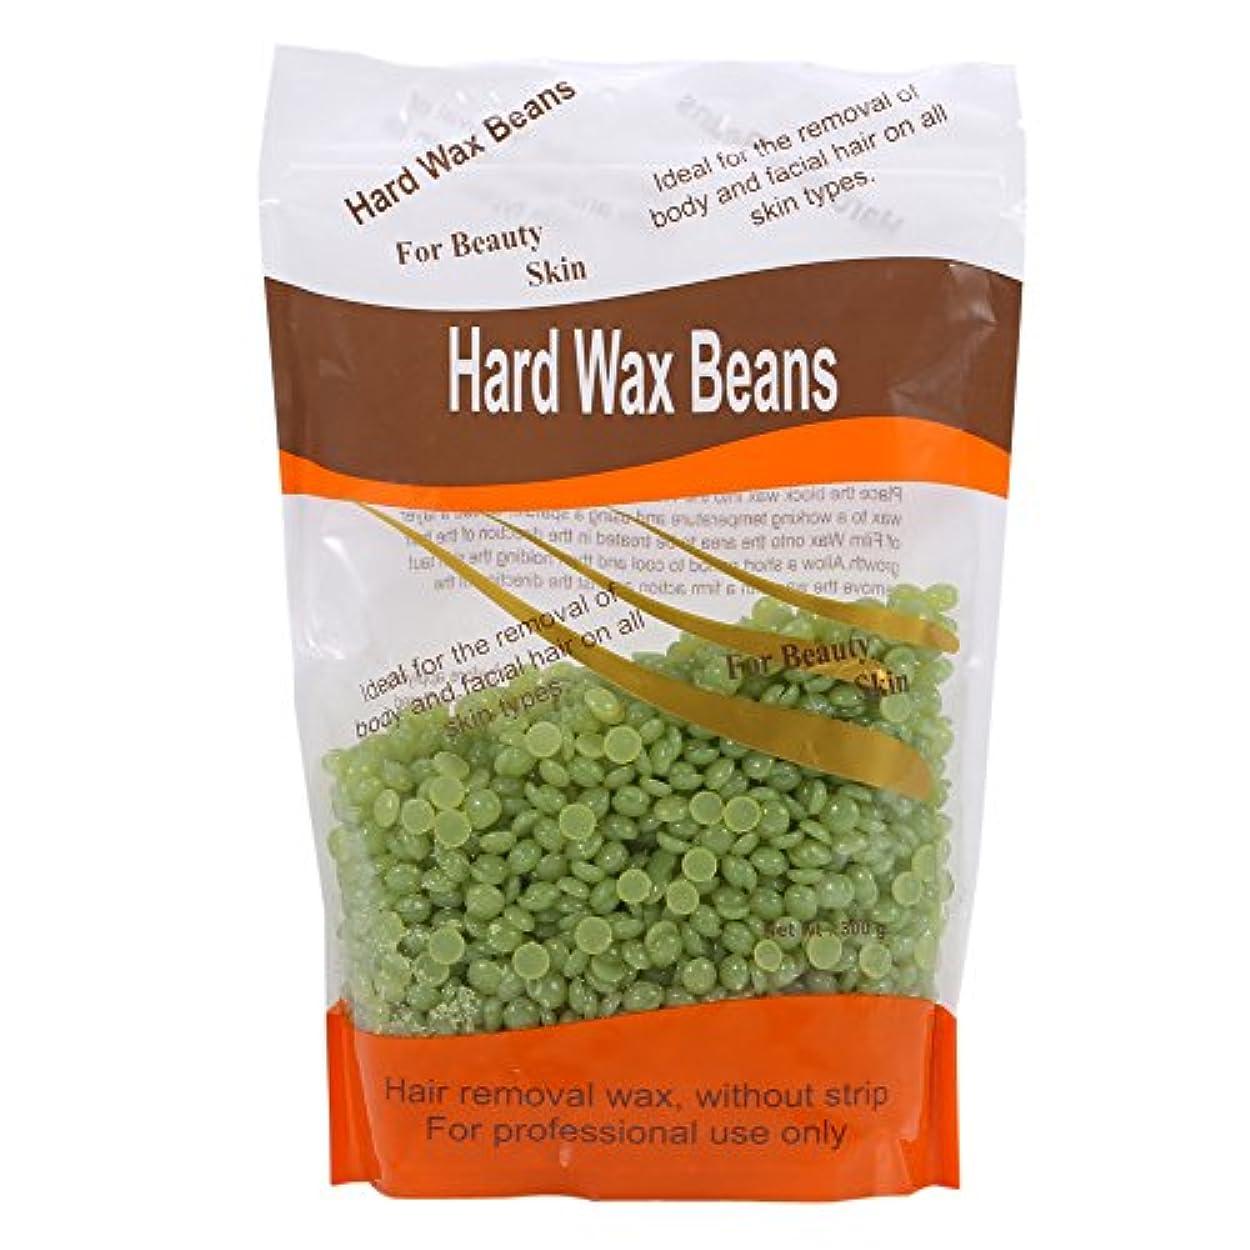 Eboxer 脱毛ワックス 粒状ハード 天然 安全 健康 保湿 七つのにおいを選ぶことができ 体は魅力的な香りを発散させる(ティーツリー)